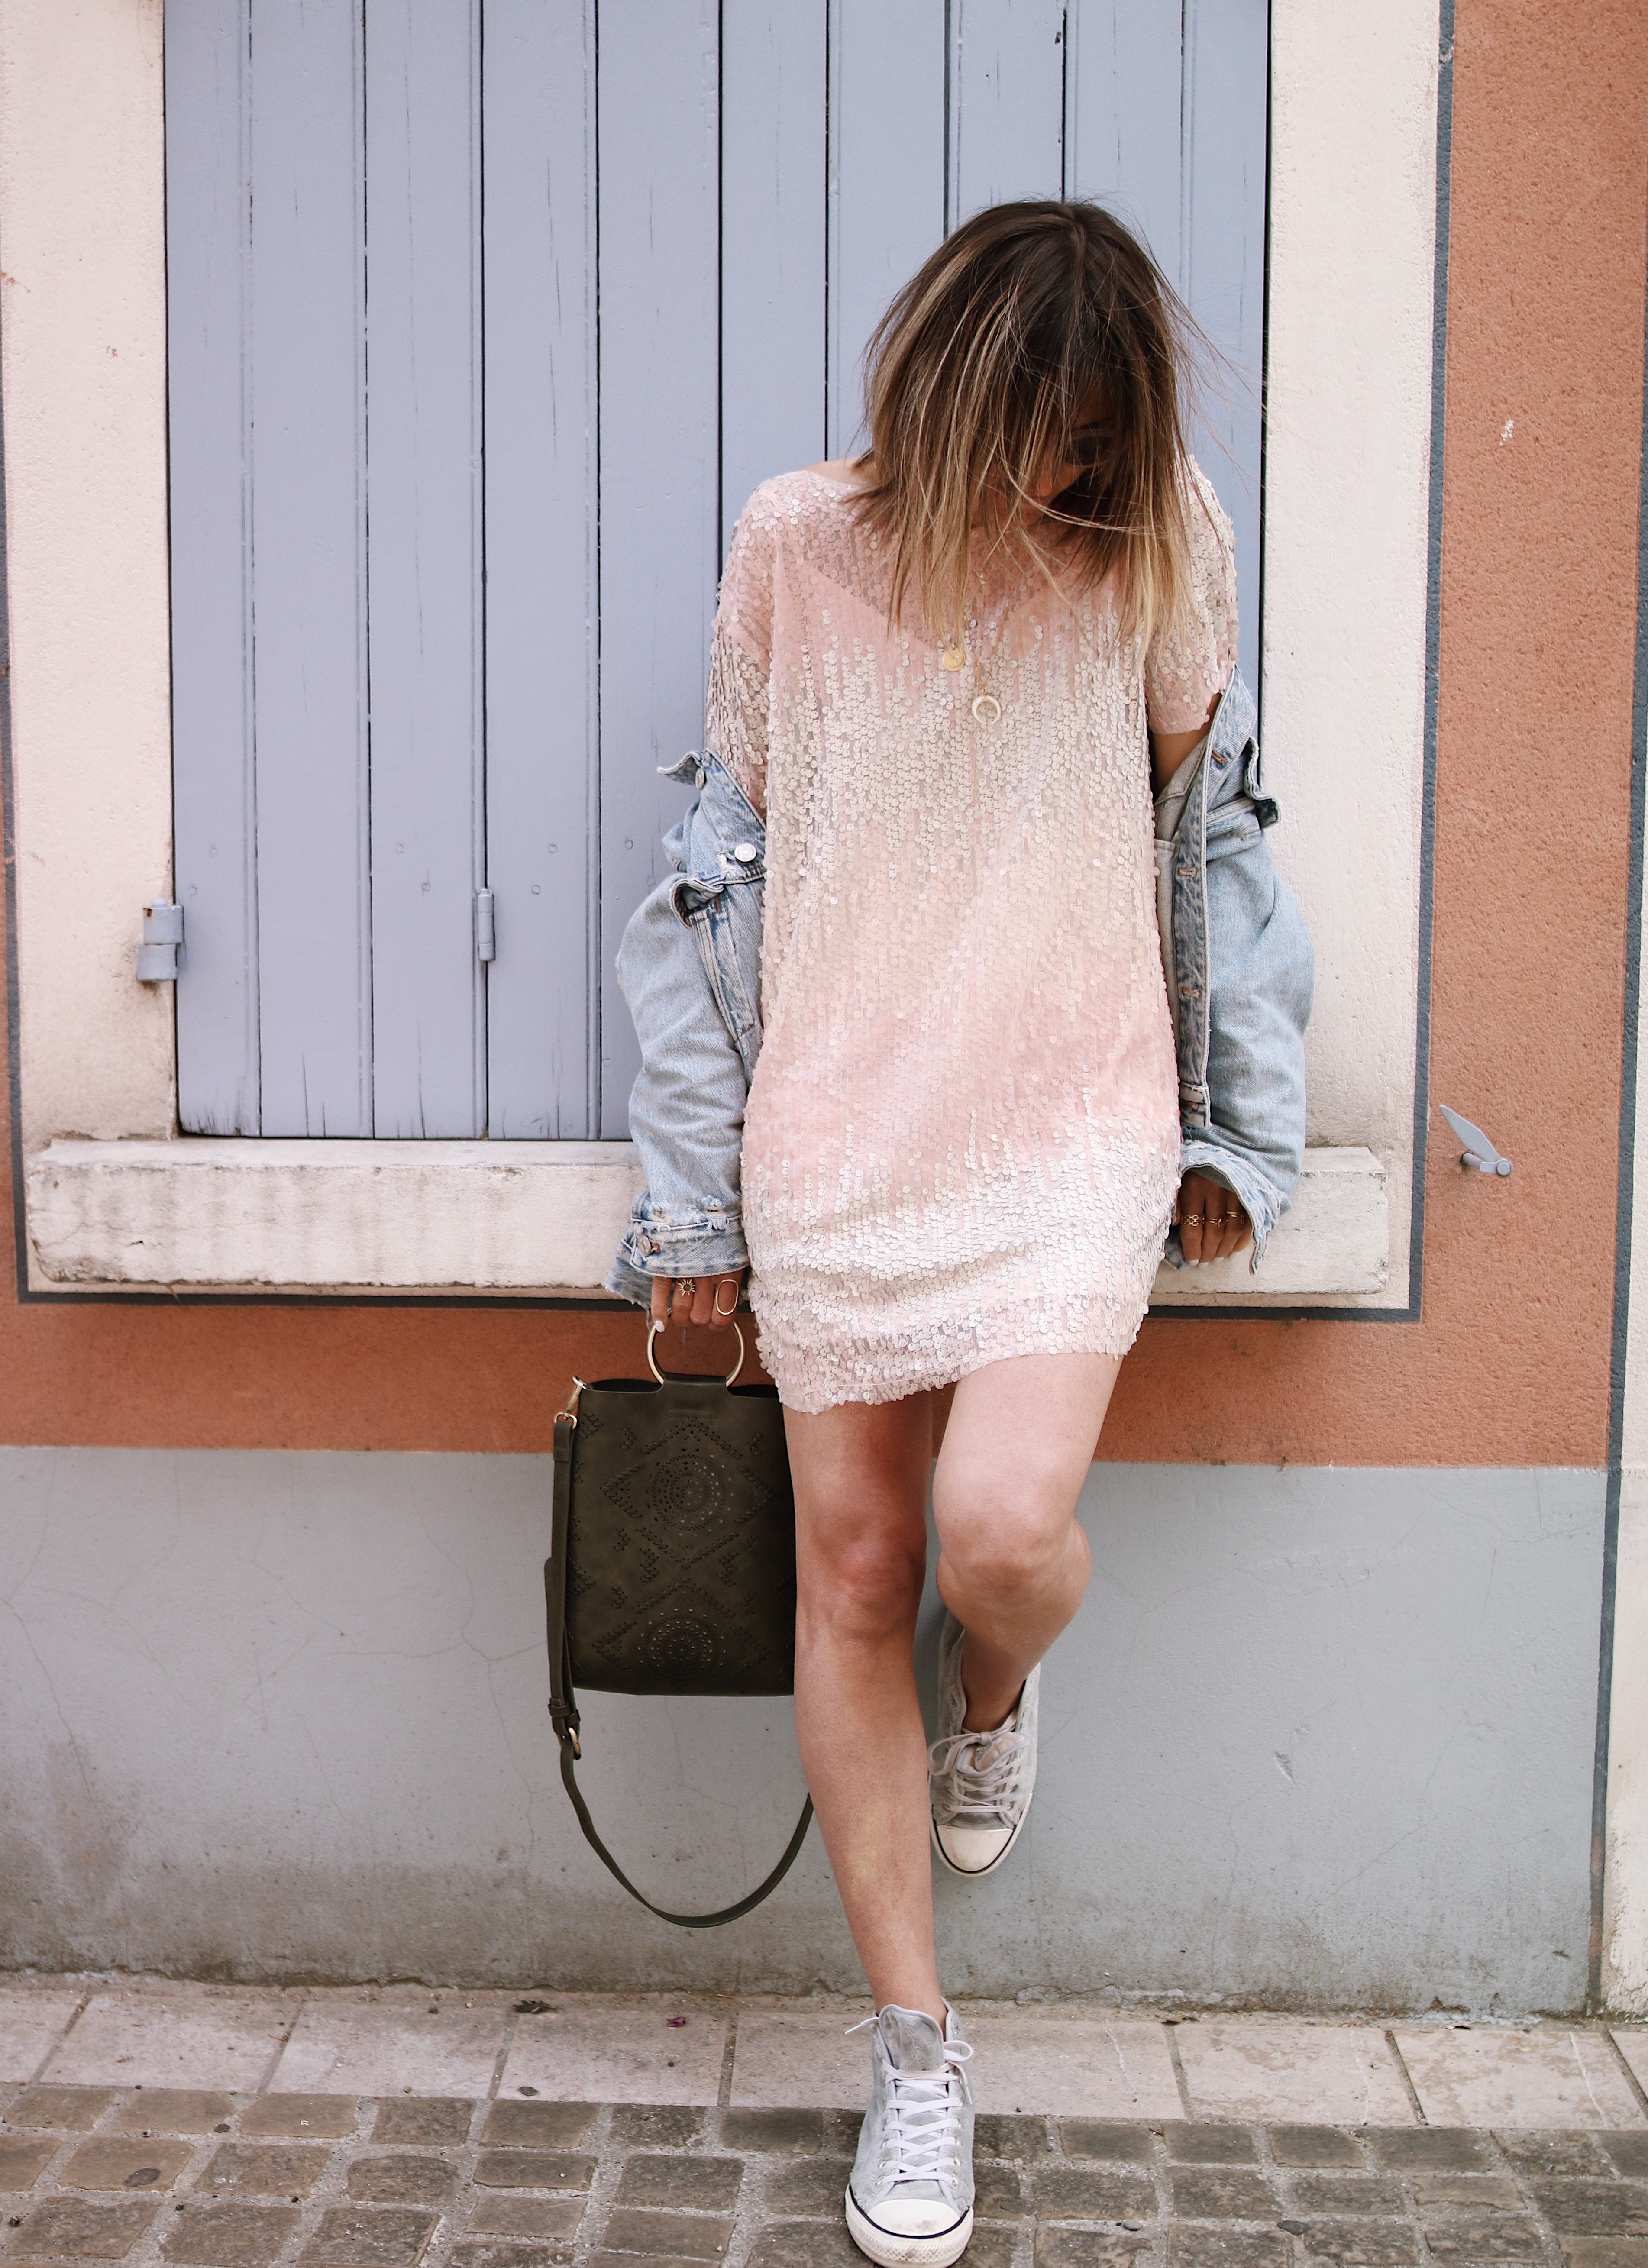 Chon & CHON - www.chonandchon.com - Robe tee-shirt à sequins rose Zara et veste en jeans